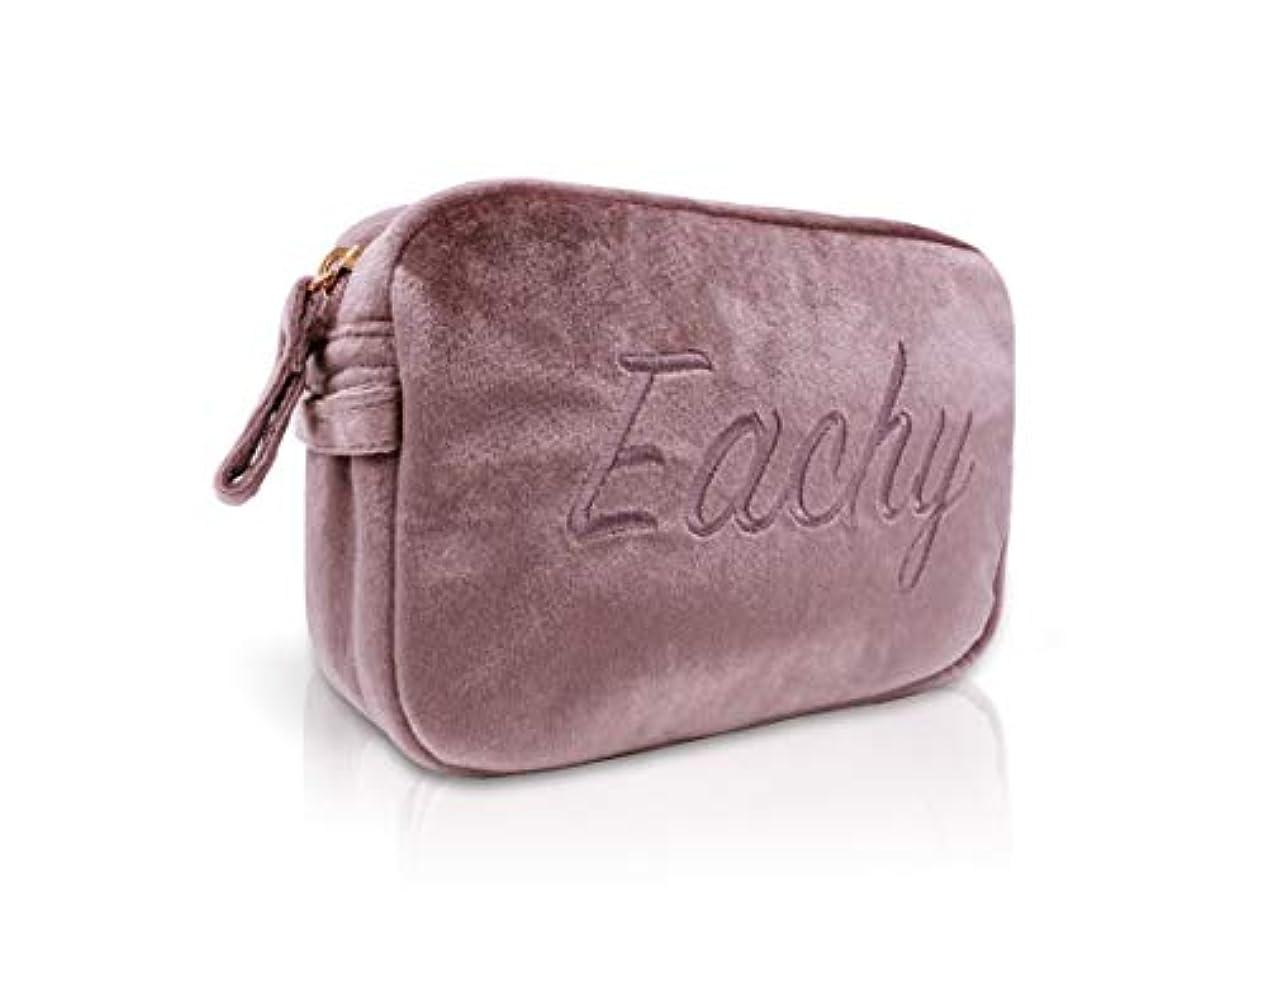 資格地味な愛するEACHY 化粧ポーチ 大容量 コスメポーチ メイクポーチ ベロア レディース MAKE-UP POUCH 全2色 (ピンク)